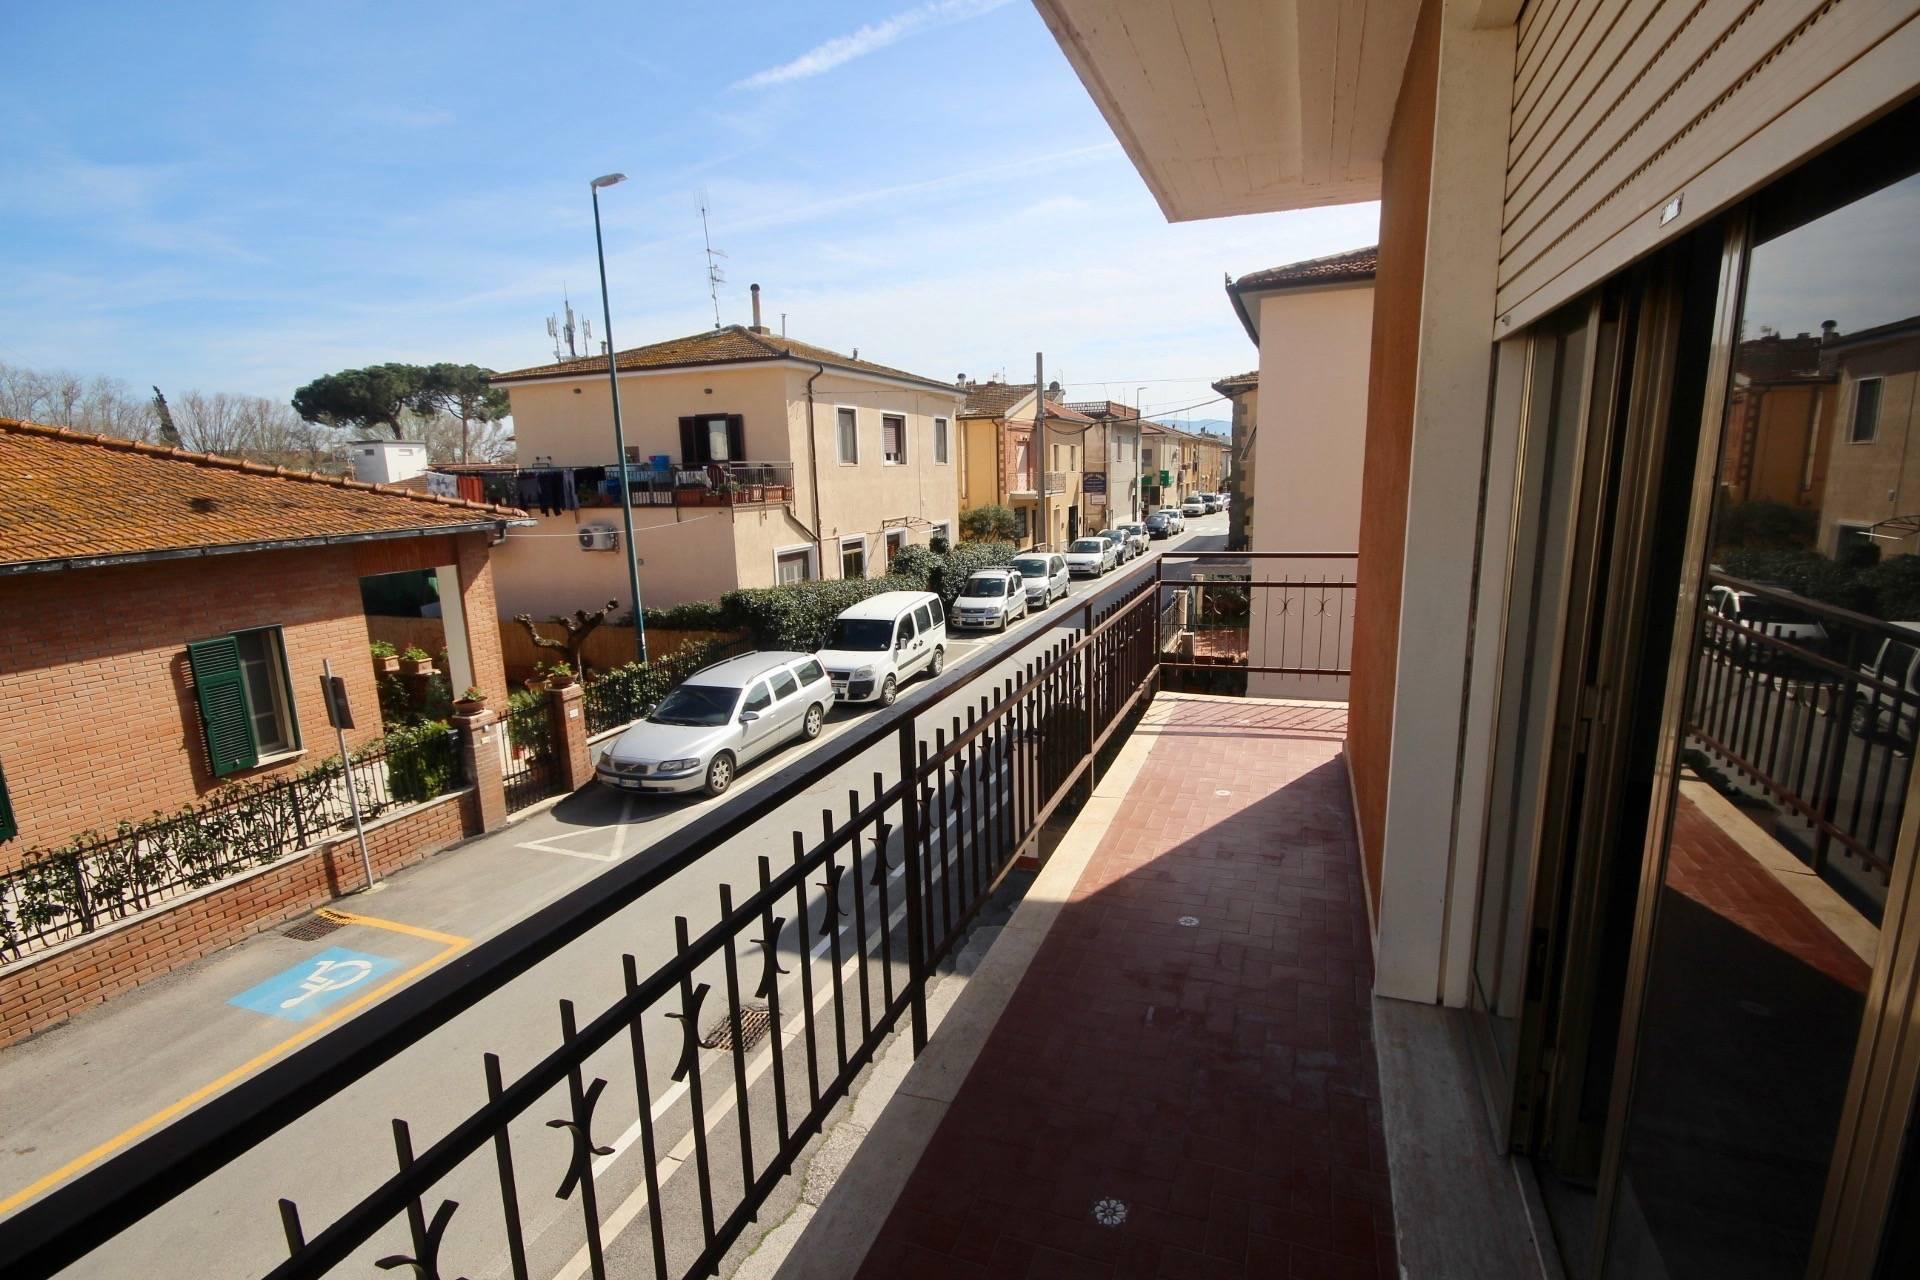 Appartamento in vendita a Orbetello, 6 locali, zona nia, prezzo € 219.000 | PortaleAgenzieImmobiliari.it